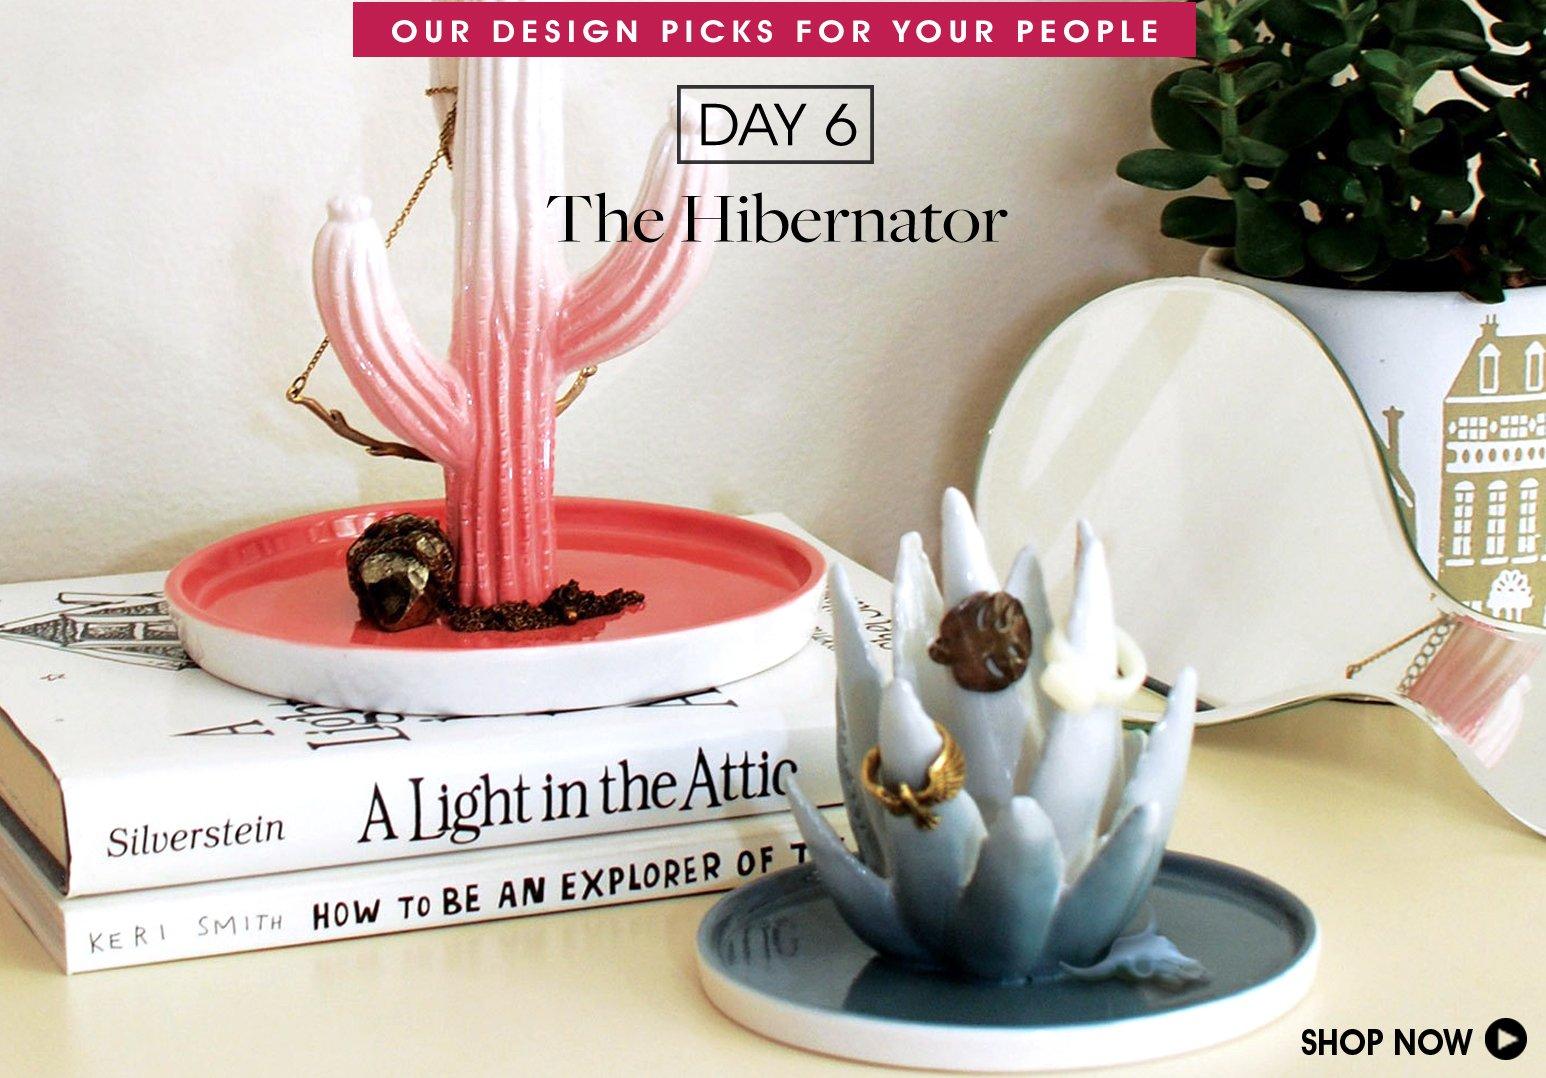 12 Days of Christmas - Day 6 The Hibernator